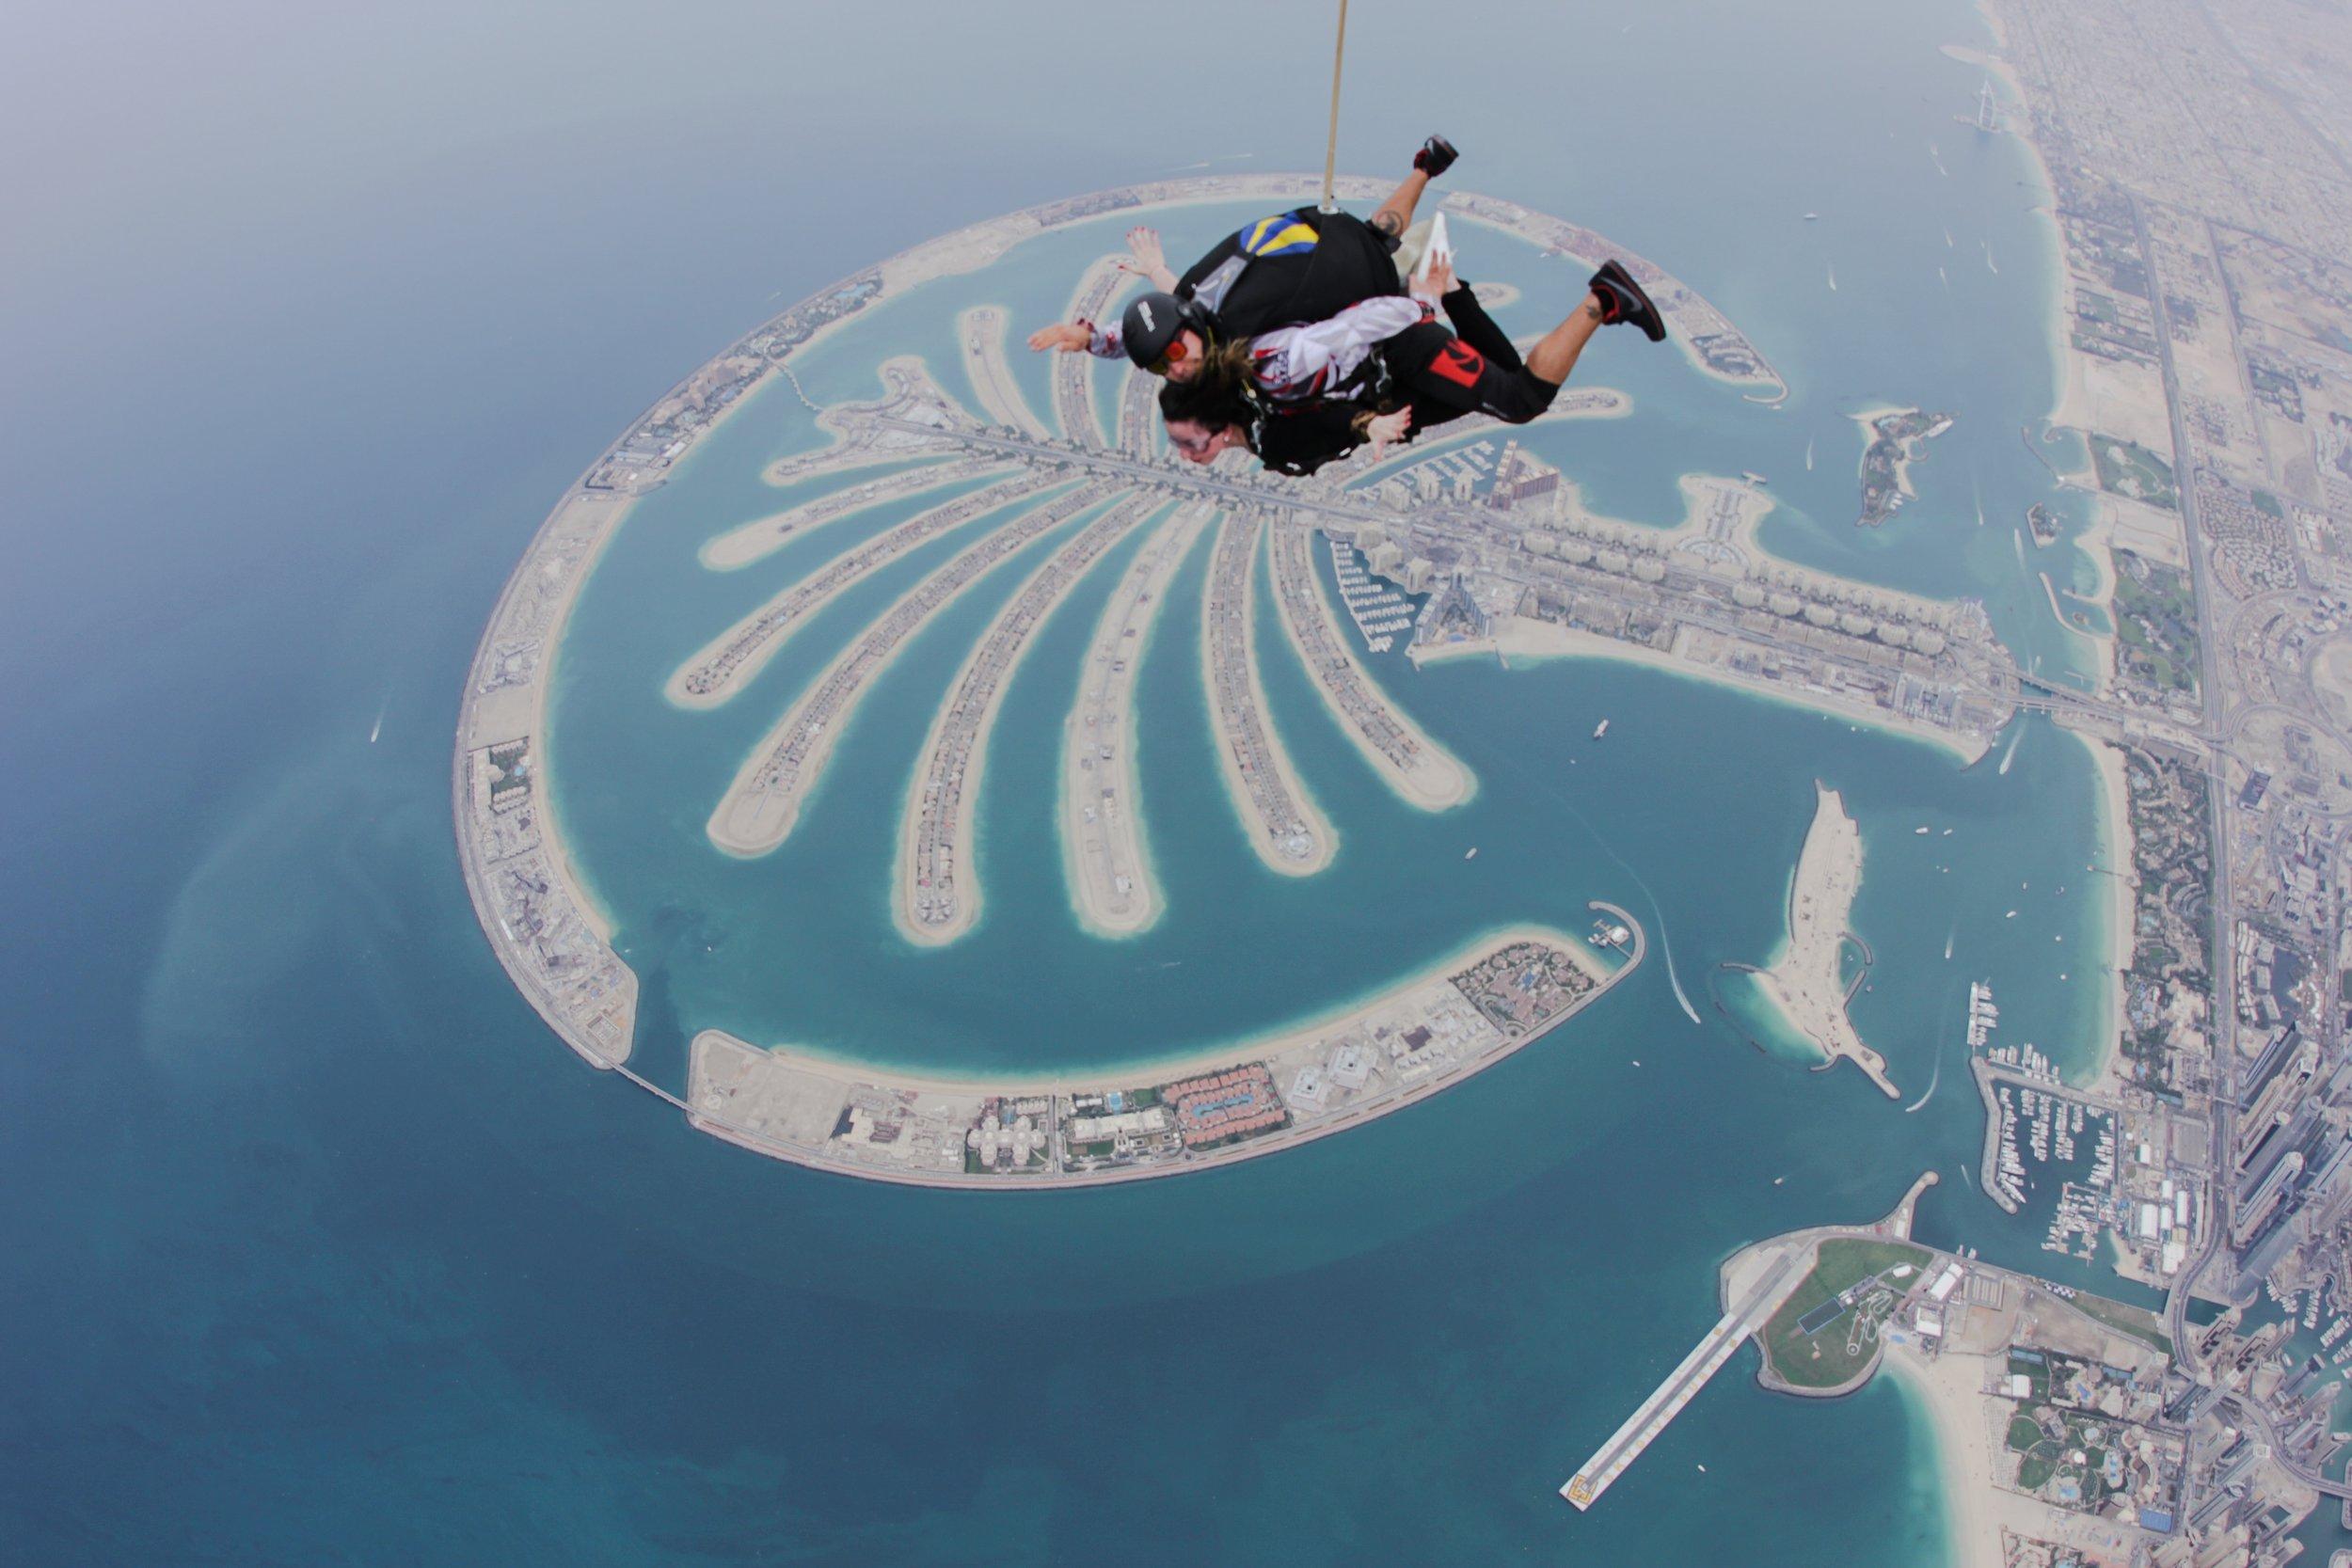 SKYDIVE • DUBAI, UAE PHOTOGRAPHER: SKYDIVE DUBAI TEAM